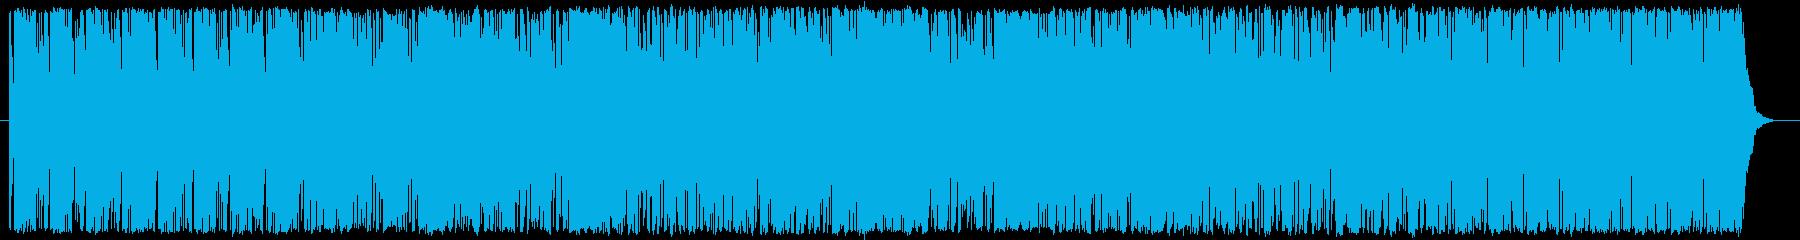 アナログシンセサイザーのテクノの再生済みの波形